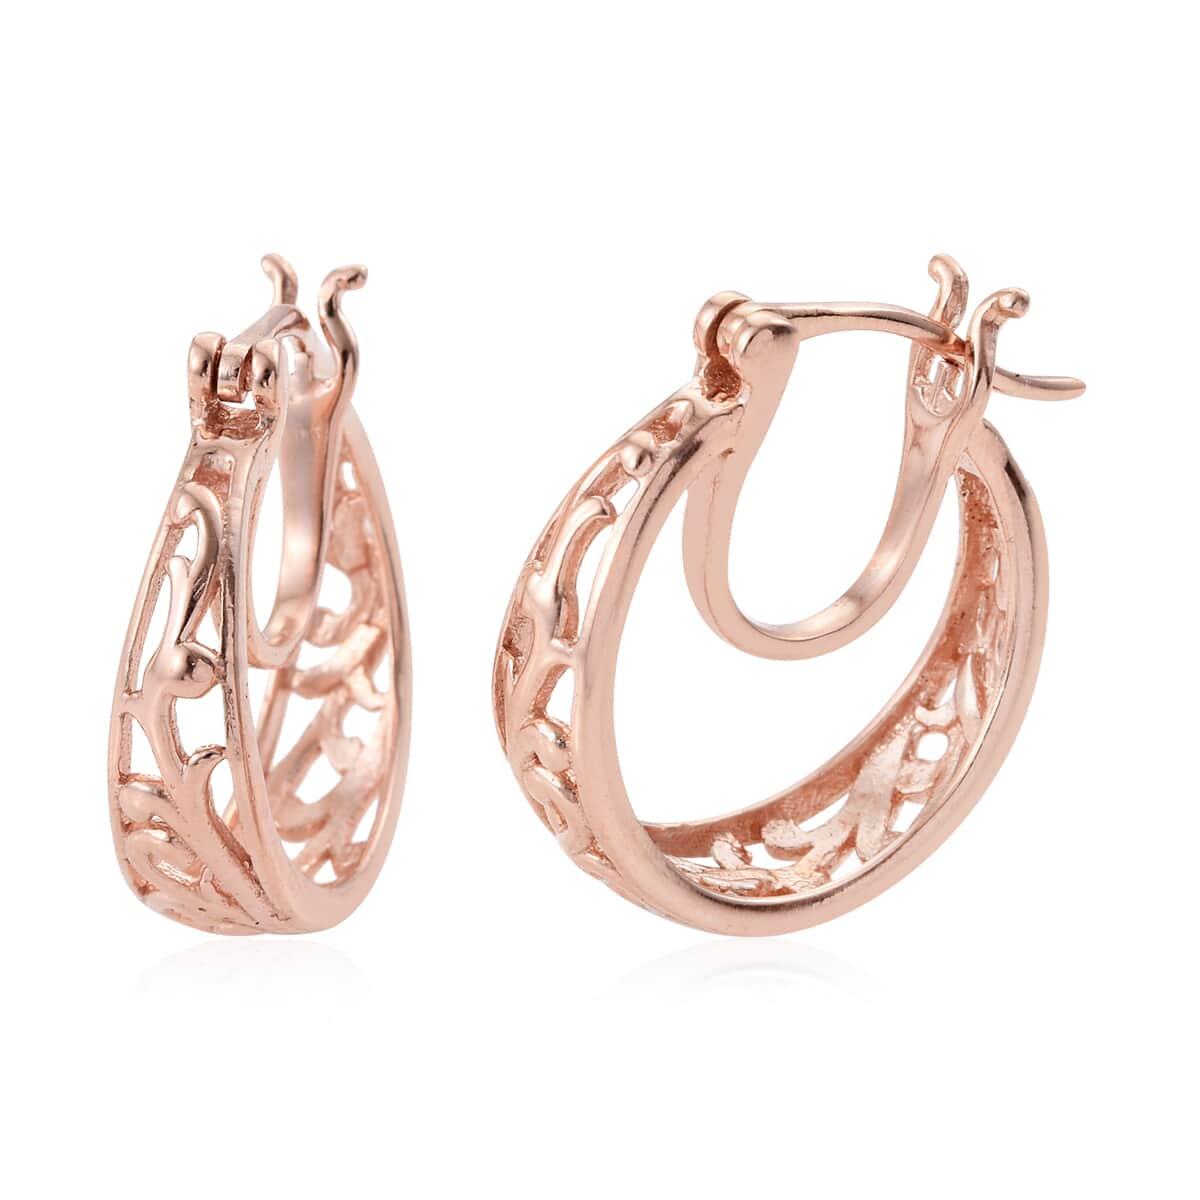 ca845b65ca9aa 14K RG Over Sterling Silver Openwork Hoop Earrings (3.74 g) | Hoop ...